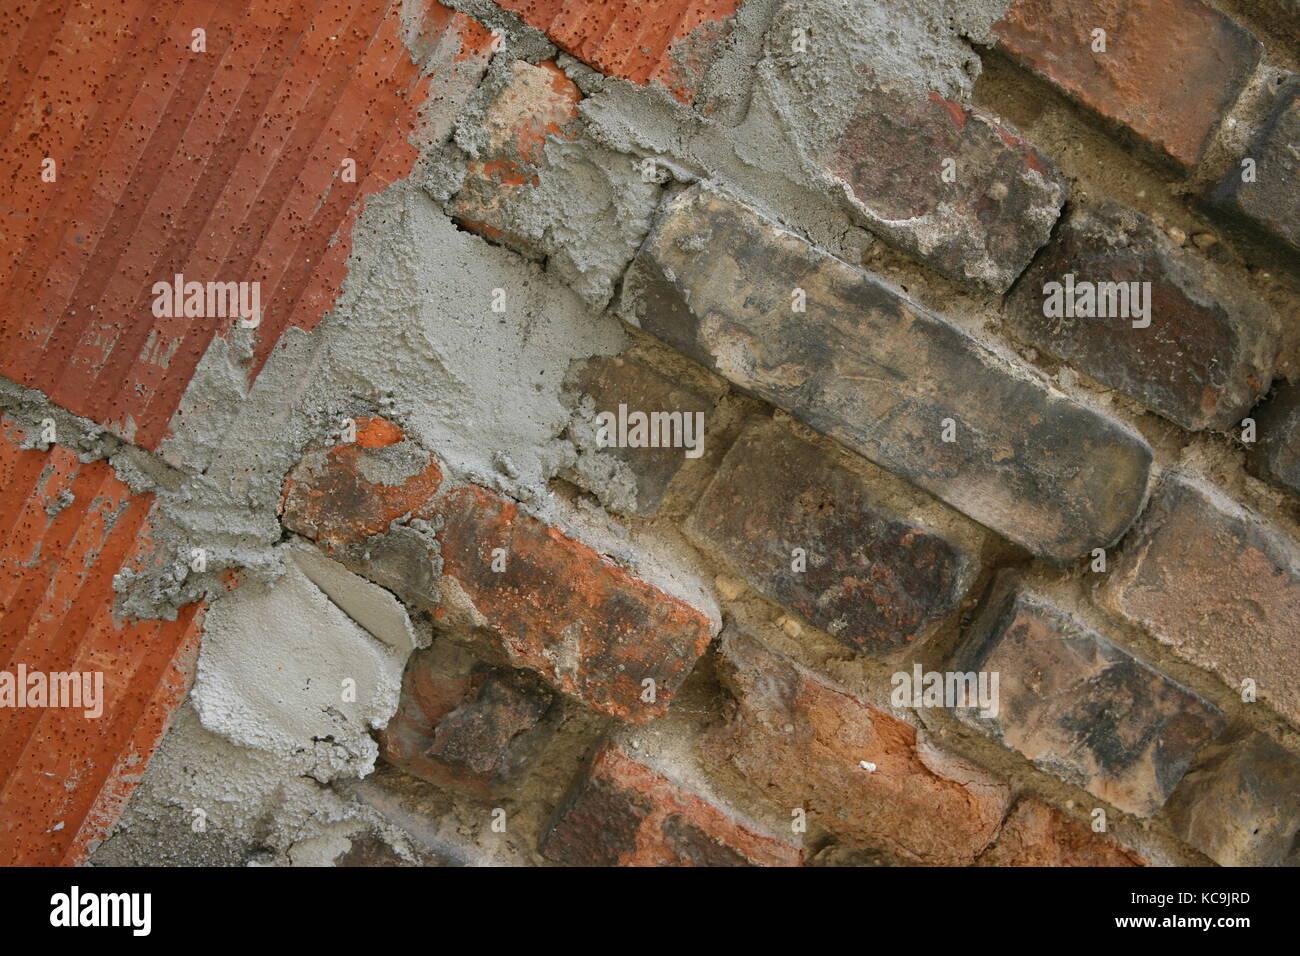 Mauer mit unterschiedlichen Steinen - Wall with different stones Stock Photo